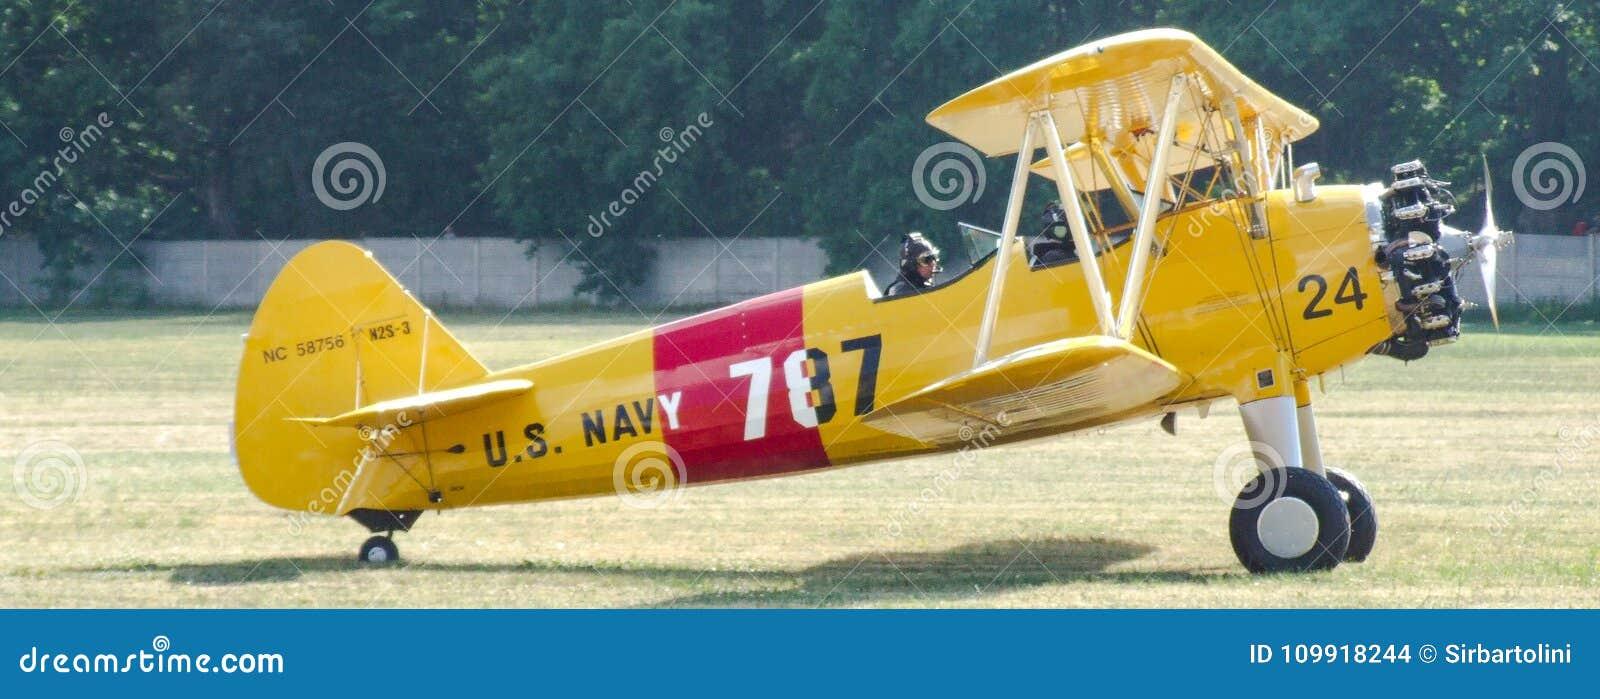 US Navy/Quax Boeing A75-N1/N2S-3 Stearman PT-17 Biplane